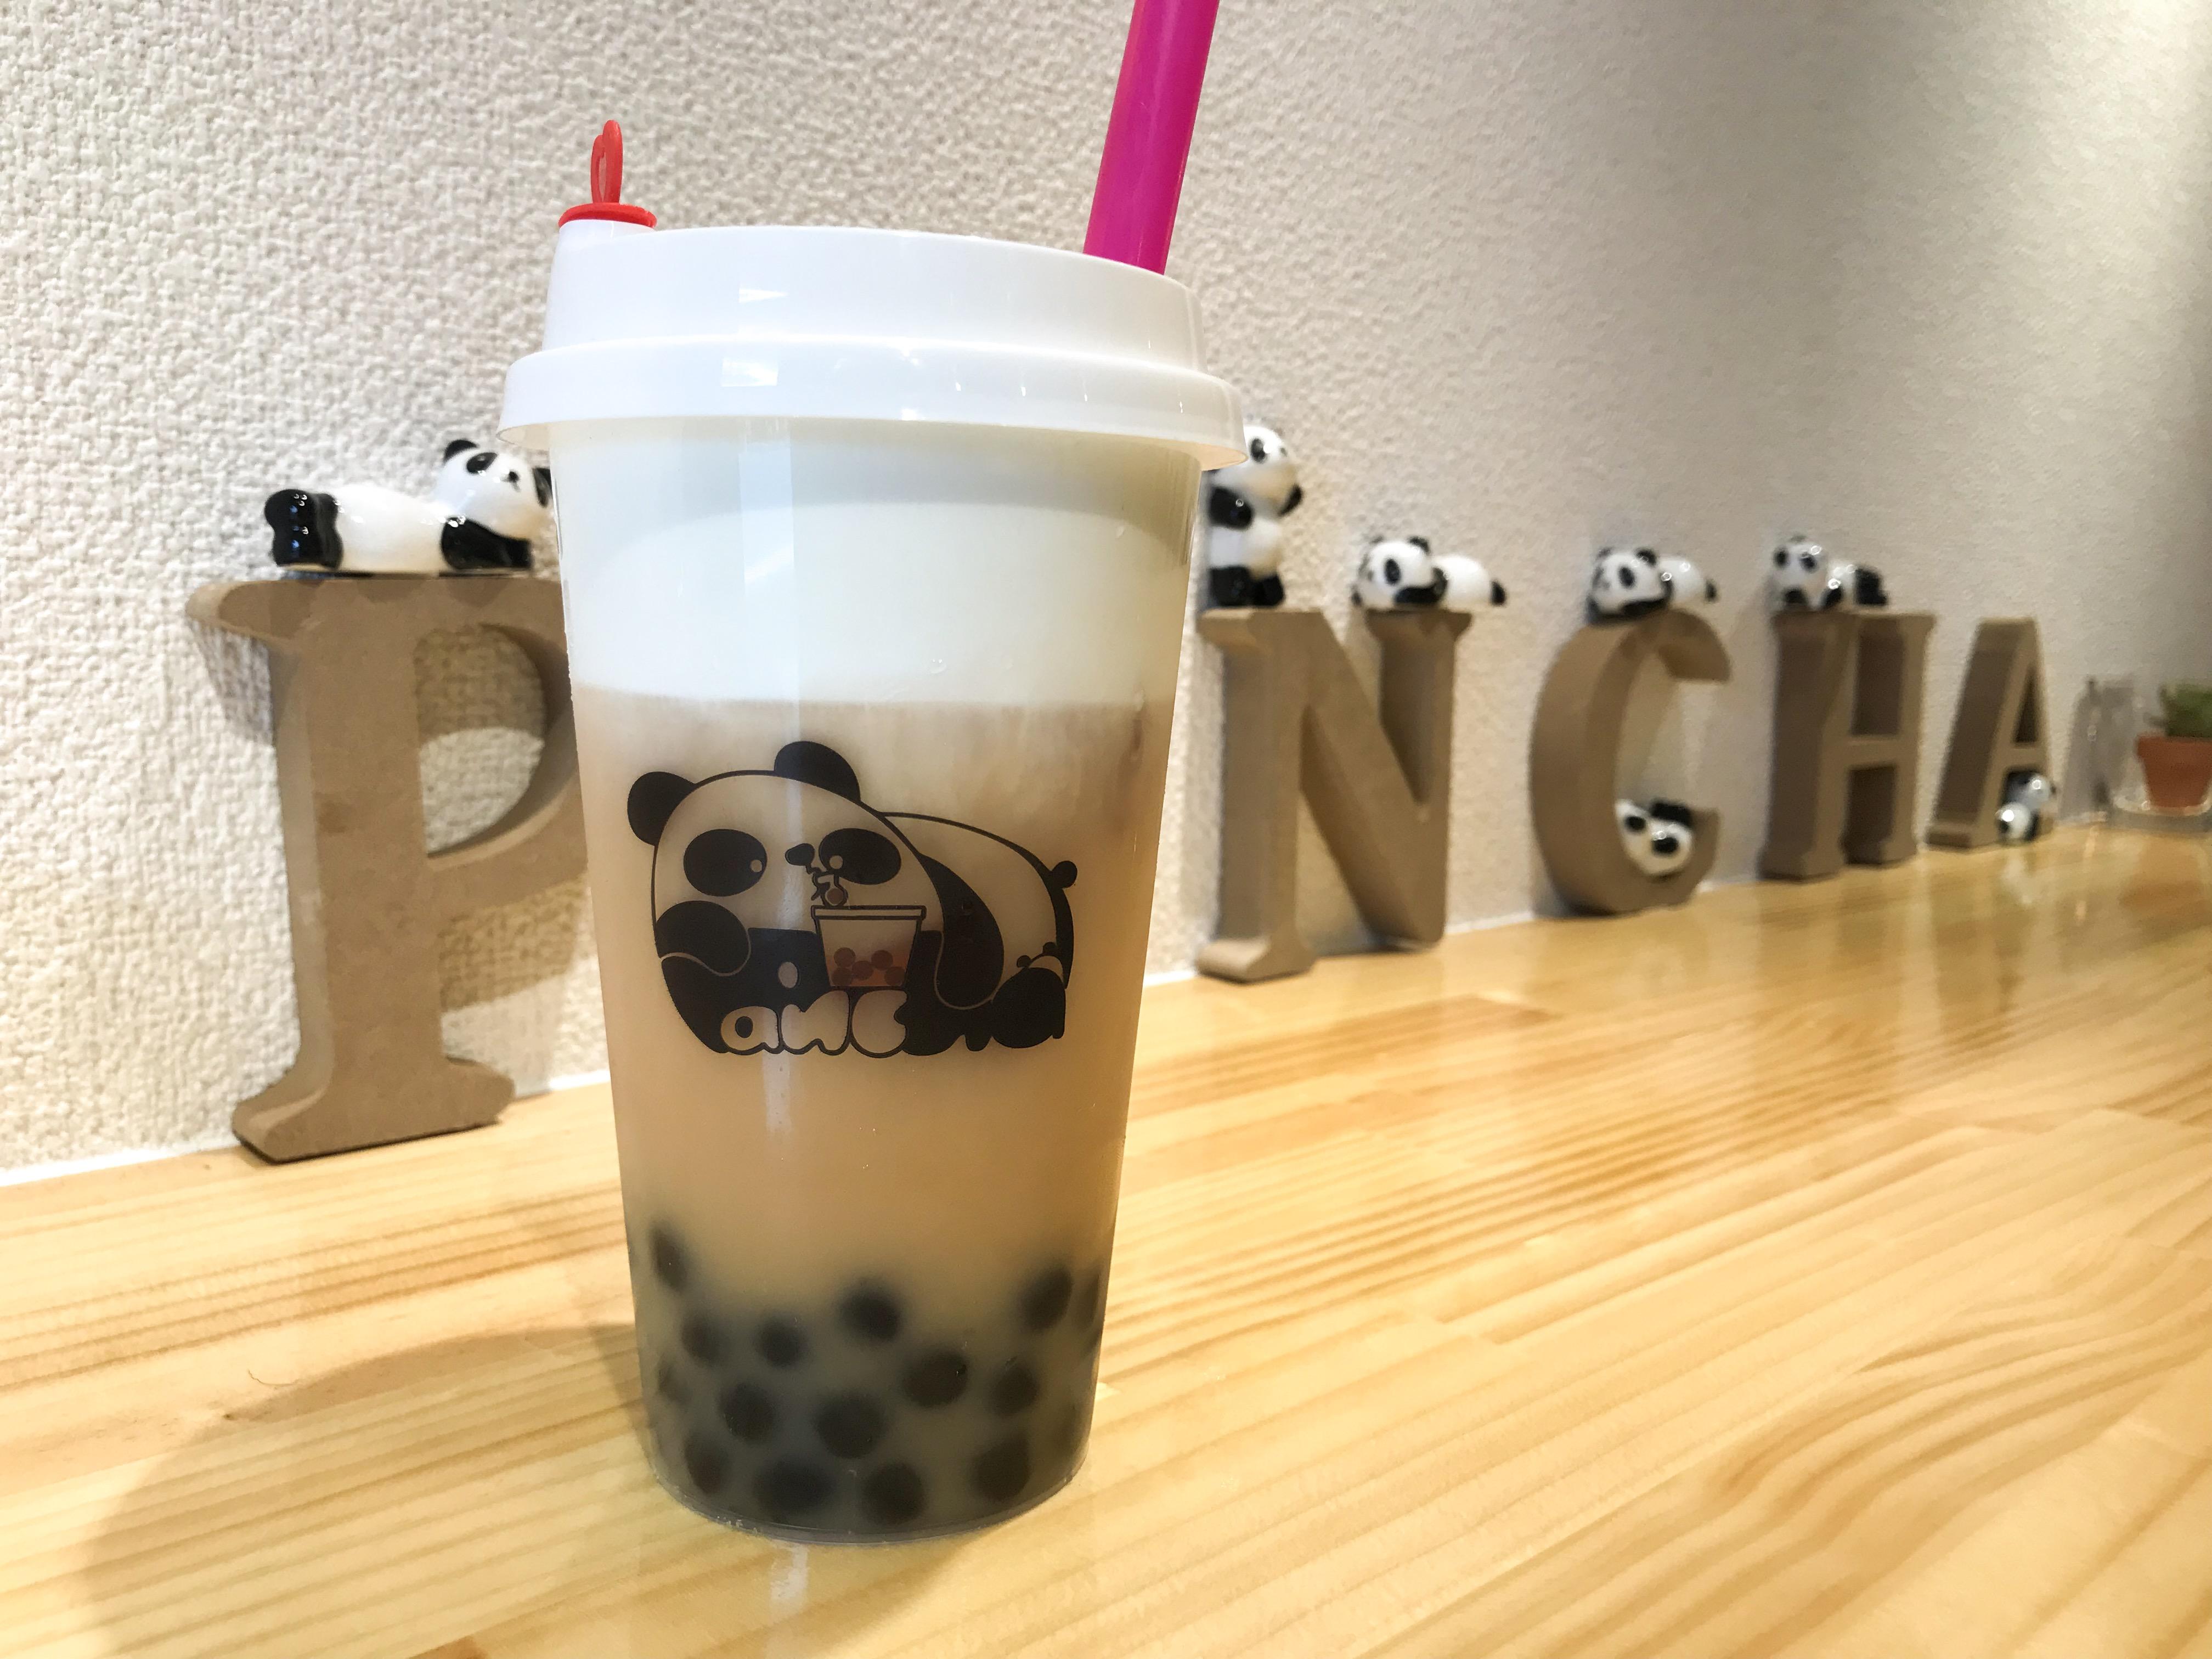 パンダがコンセプト!タピオカドリンクのお店「Pancha(パンチャ)」が大須にオープン - pancha